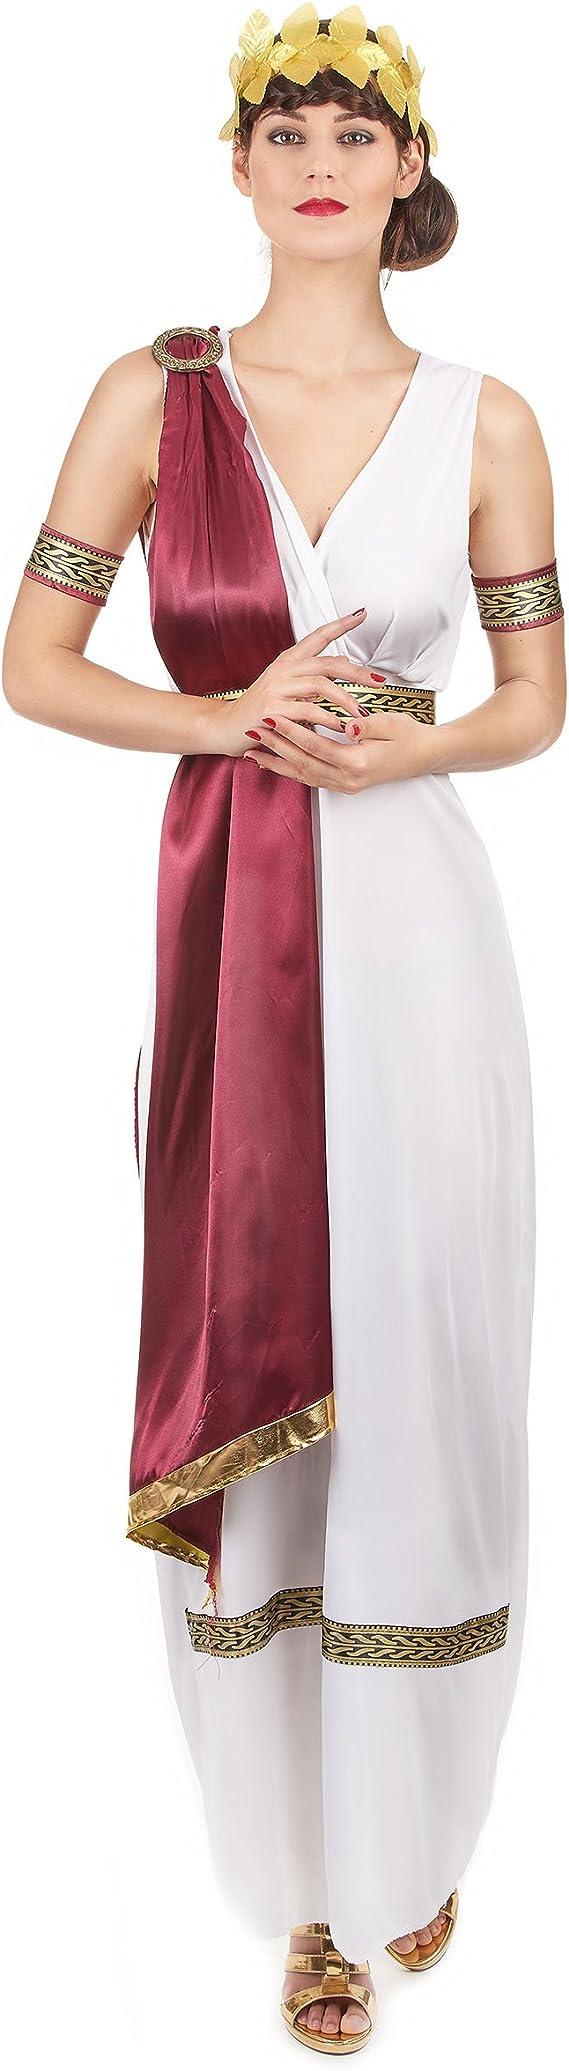 Disfraz emperatriz griega mujer Talla única: Amazon.es: Juguetes y ...